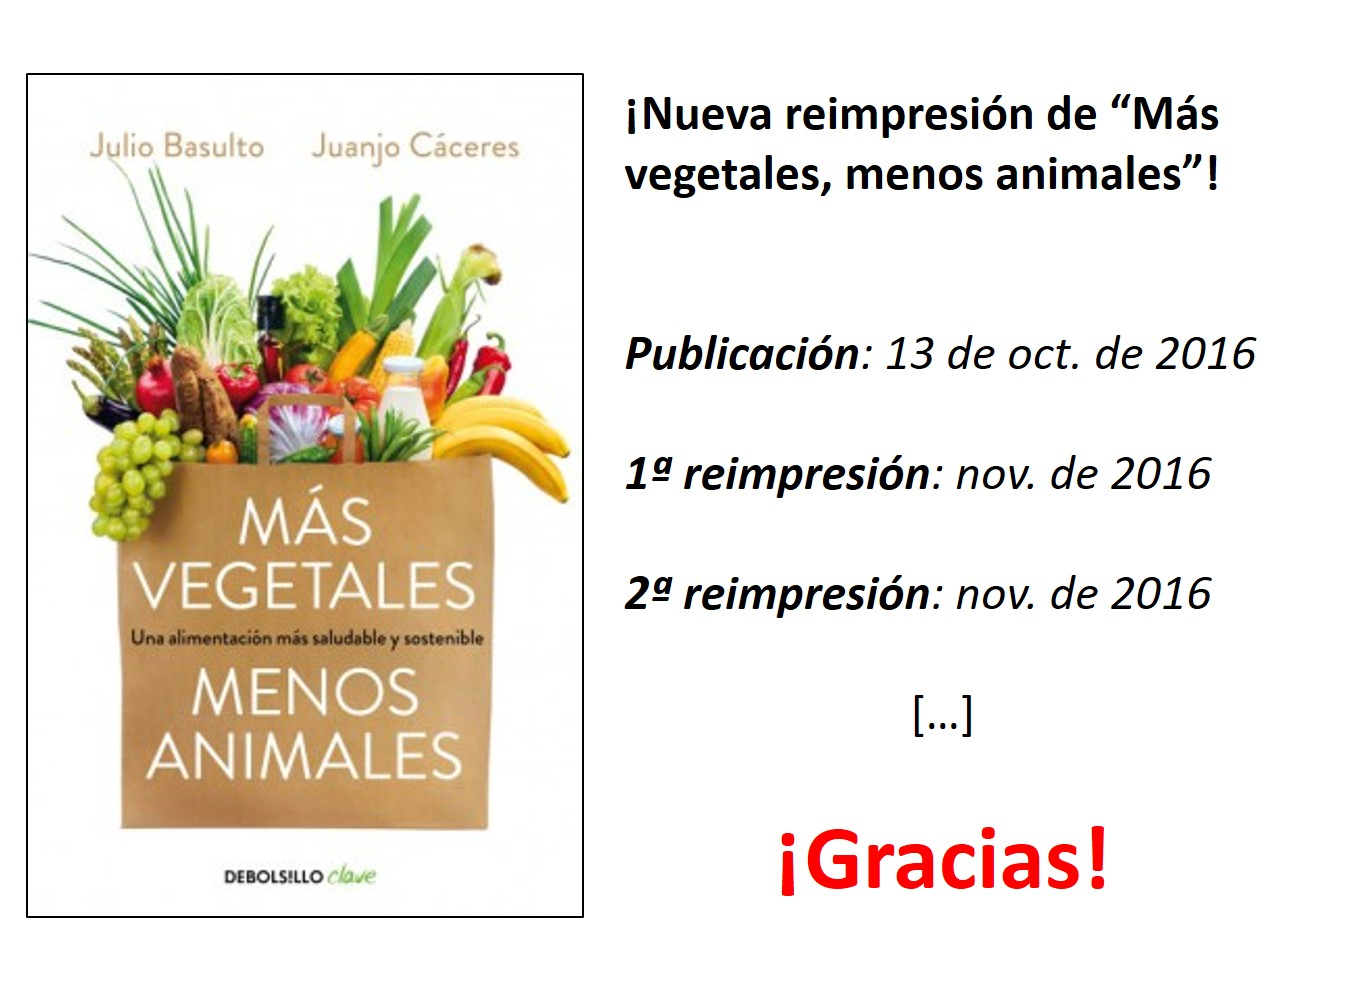 """¡Segunda reimpresión de """"Más vegetales, menos animales""""!"""